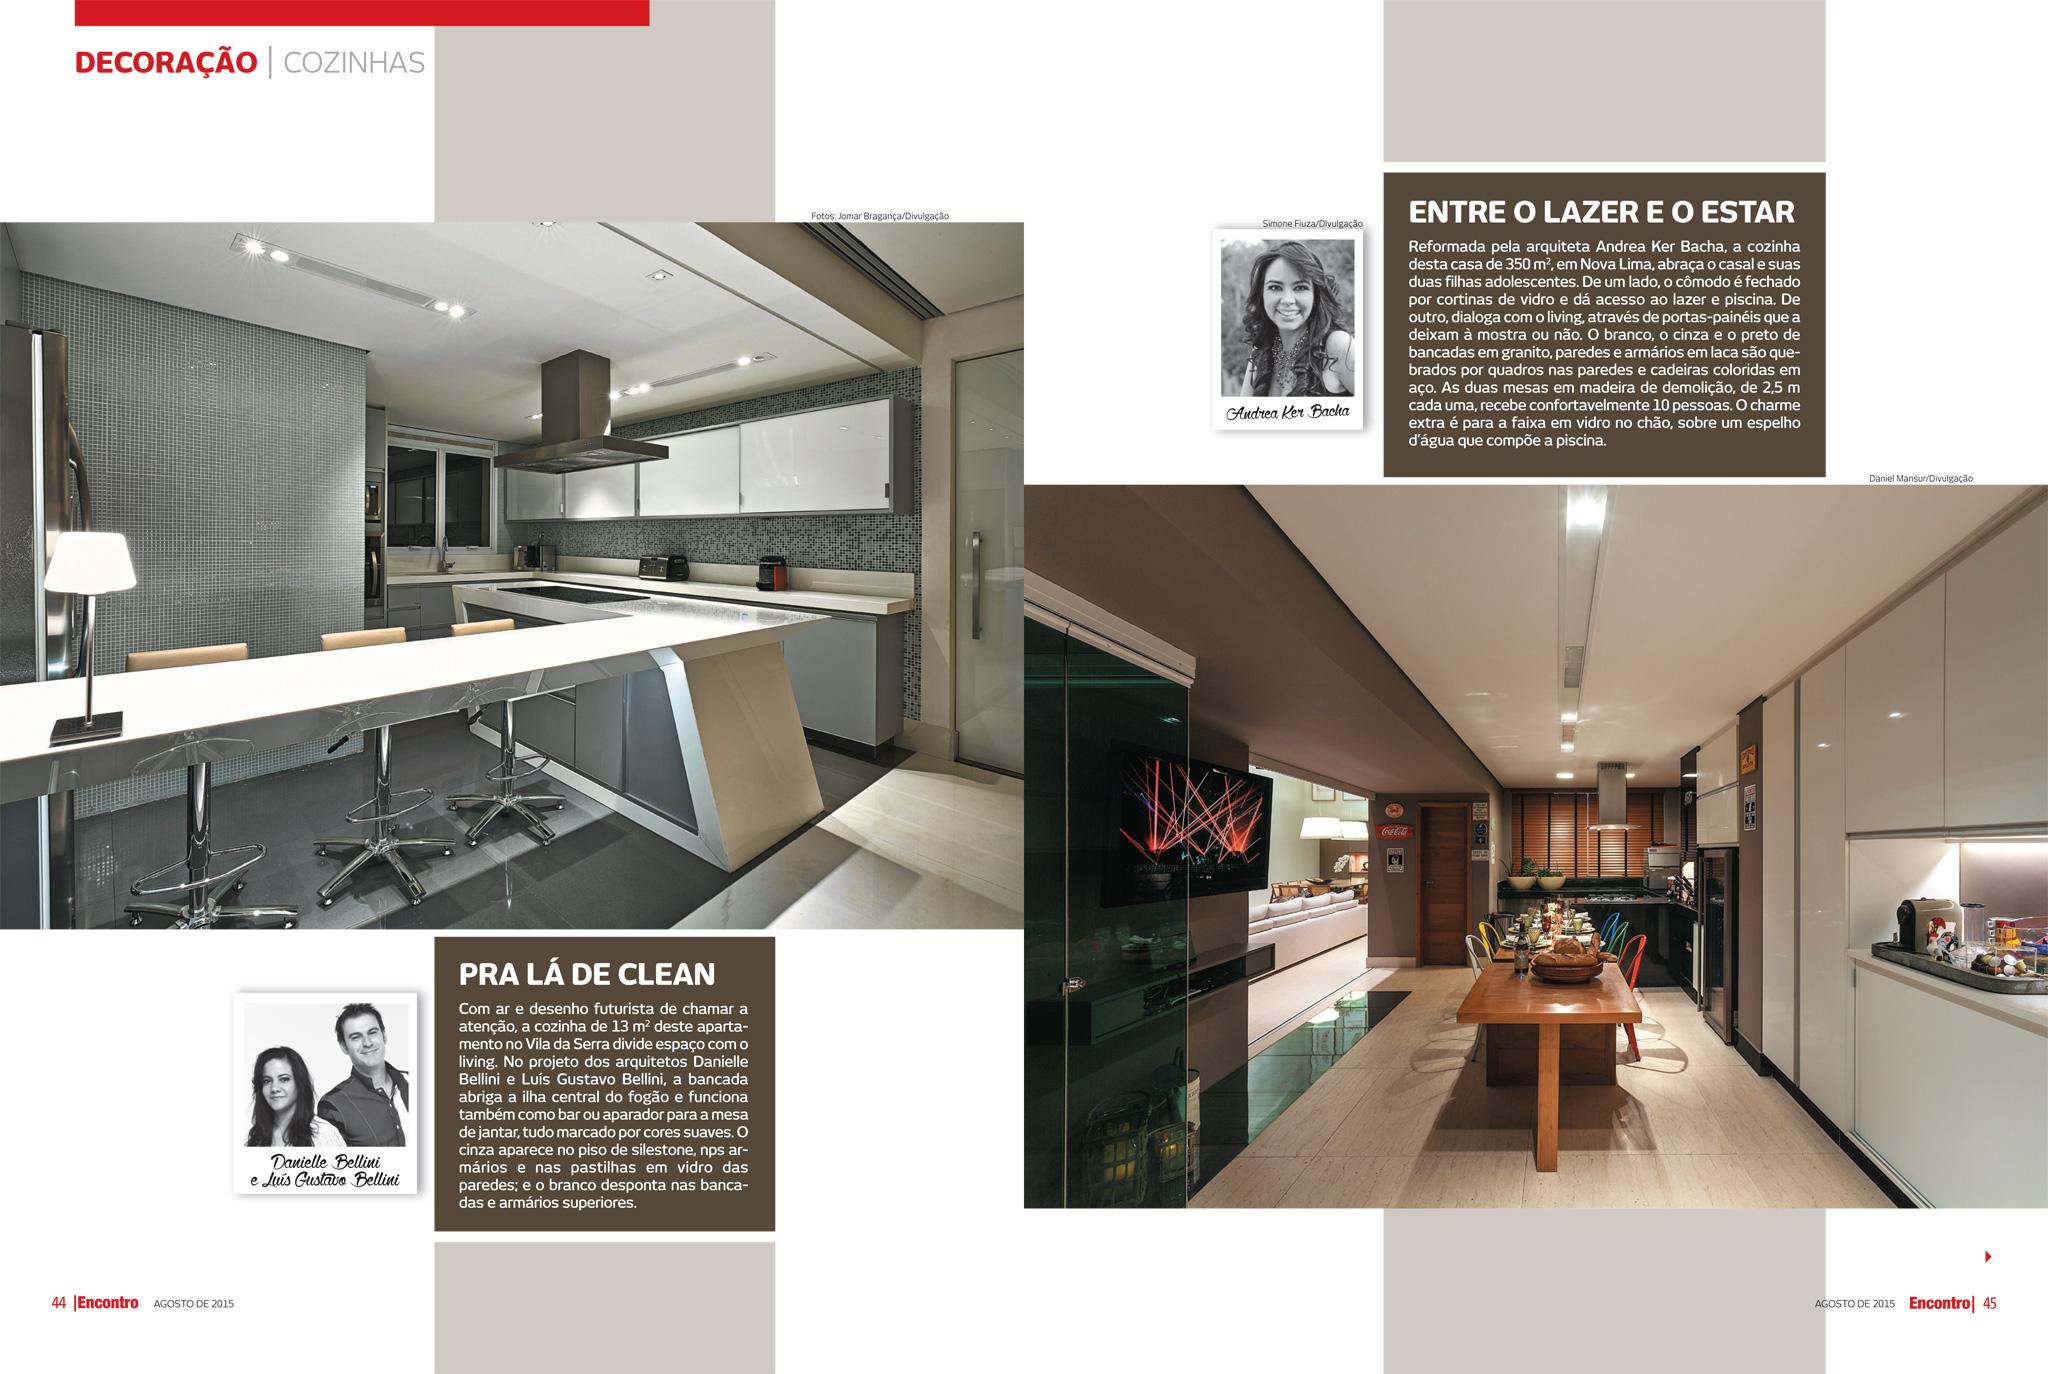 Cozinha Pequena Com Desenho Fututista Destaque Na Revista Encontro